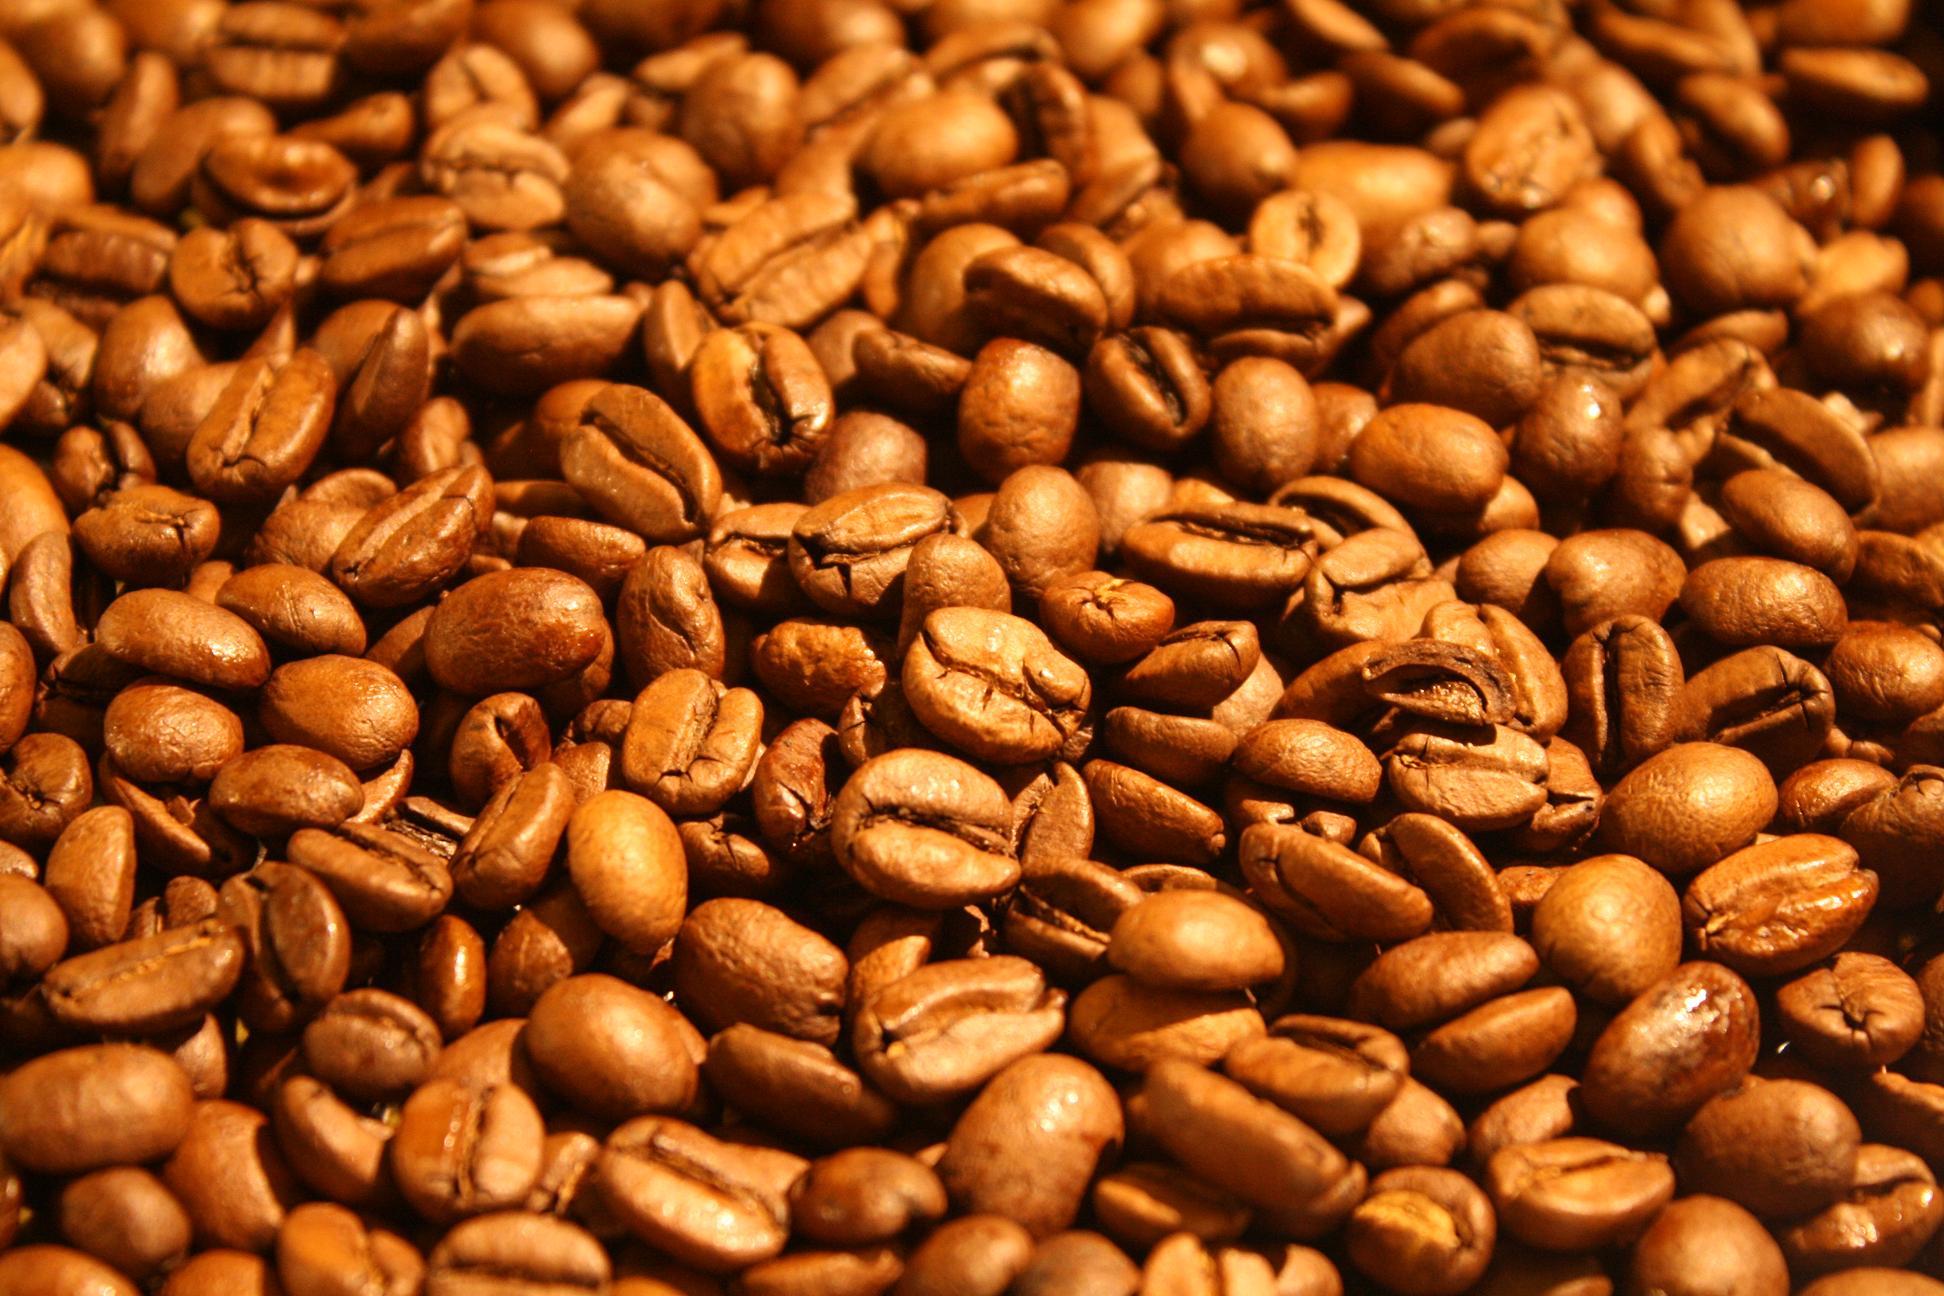 スペシャルティコーヒーをネットで小ロットから購入出来る生豆業者4選!